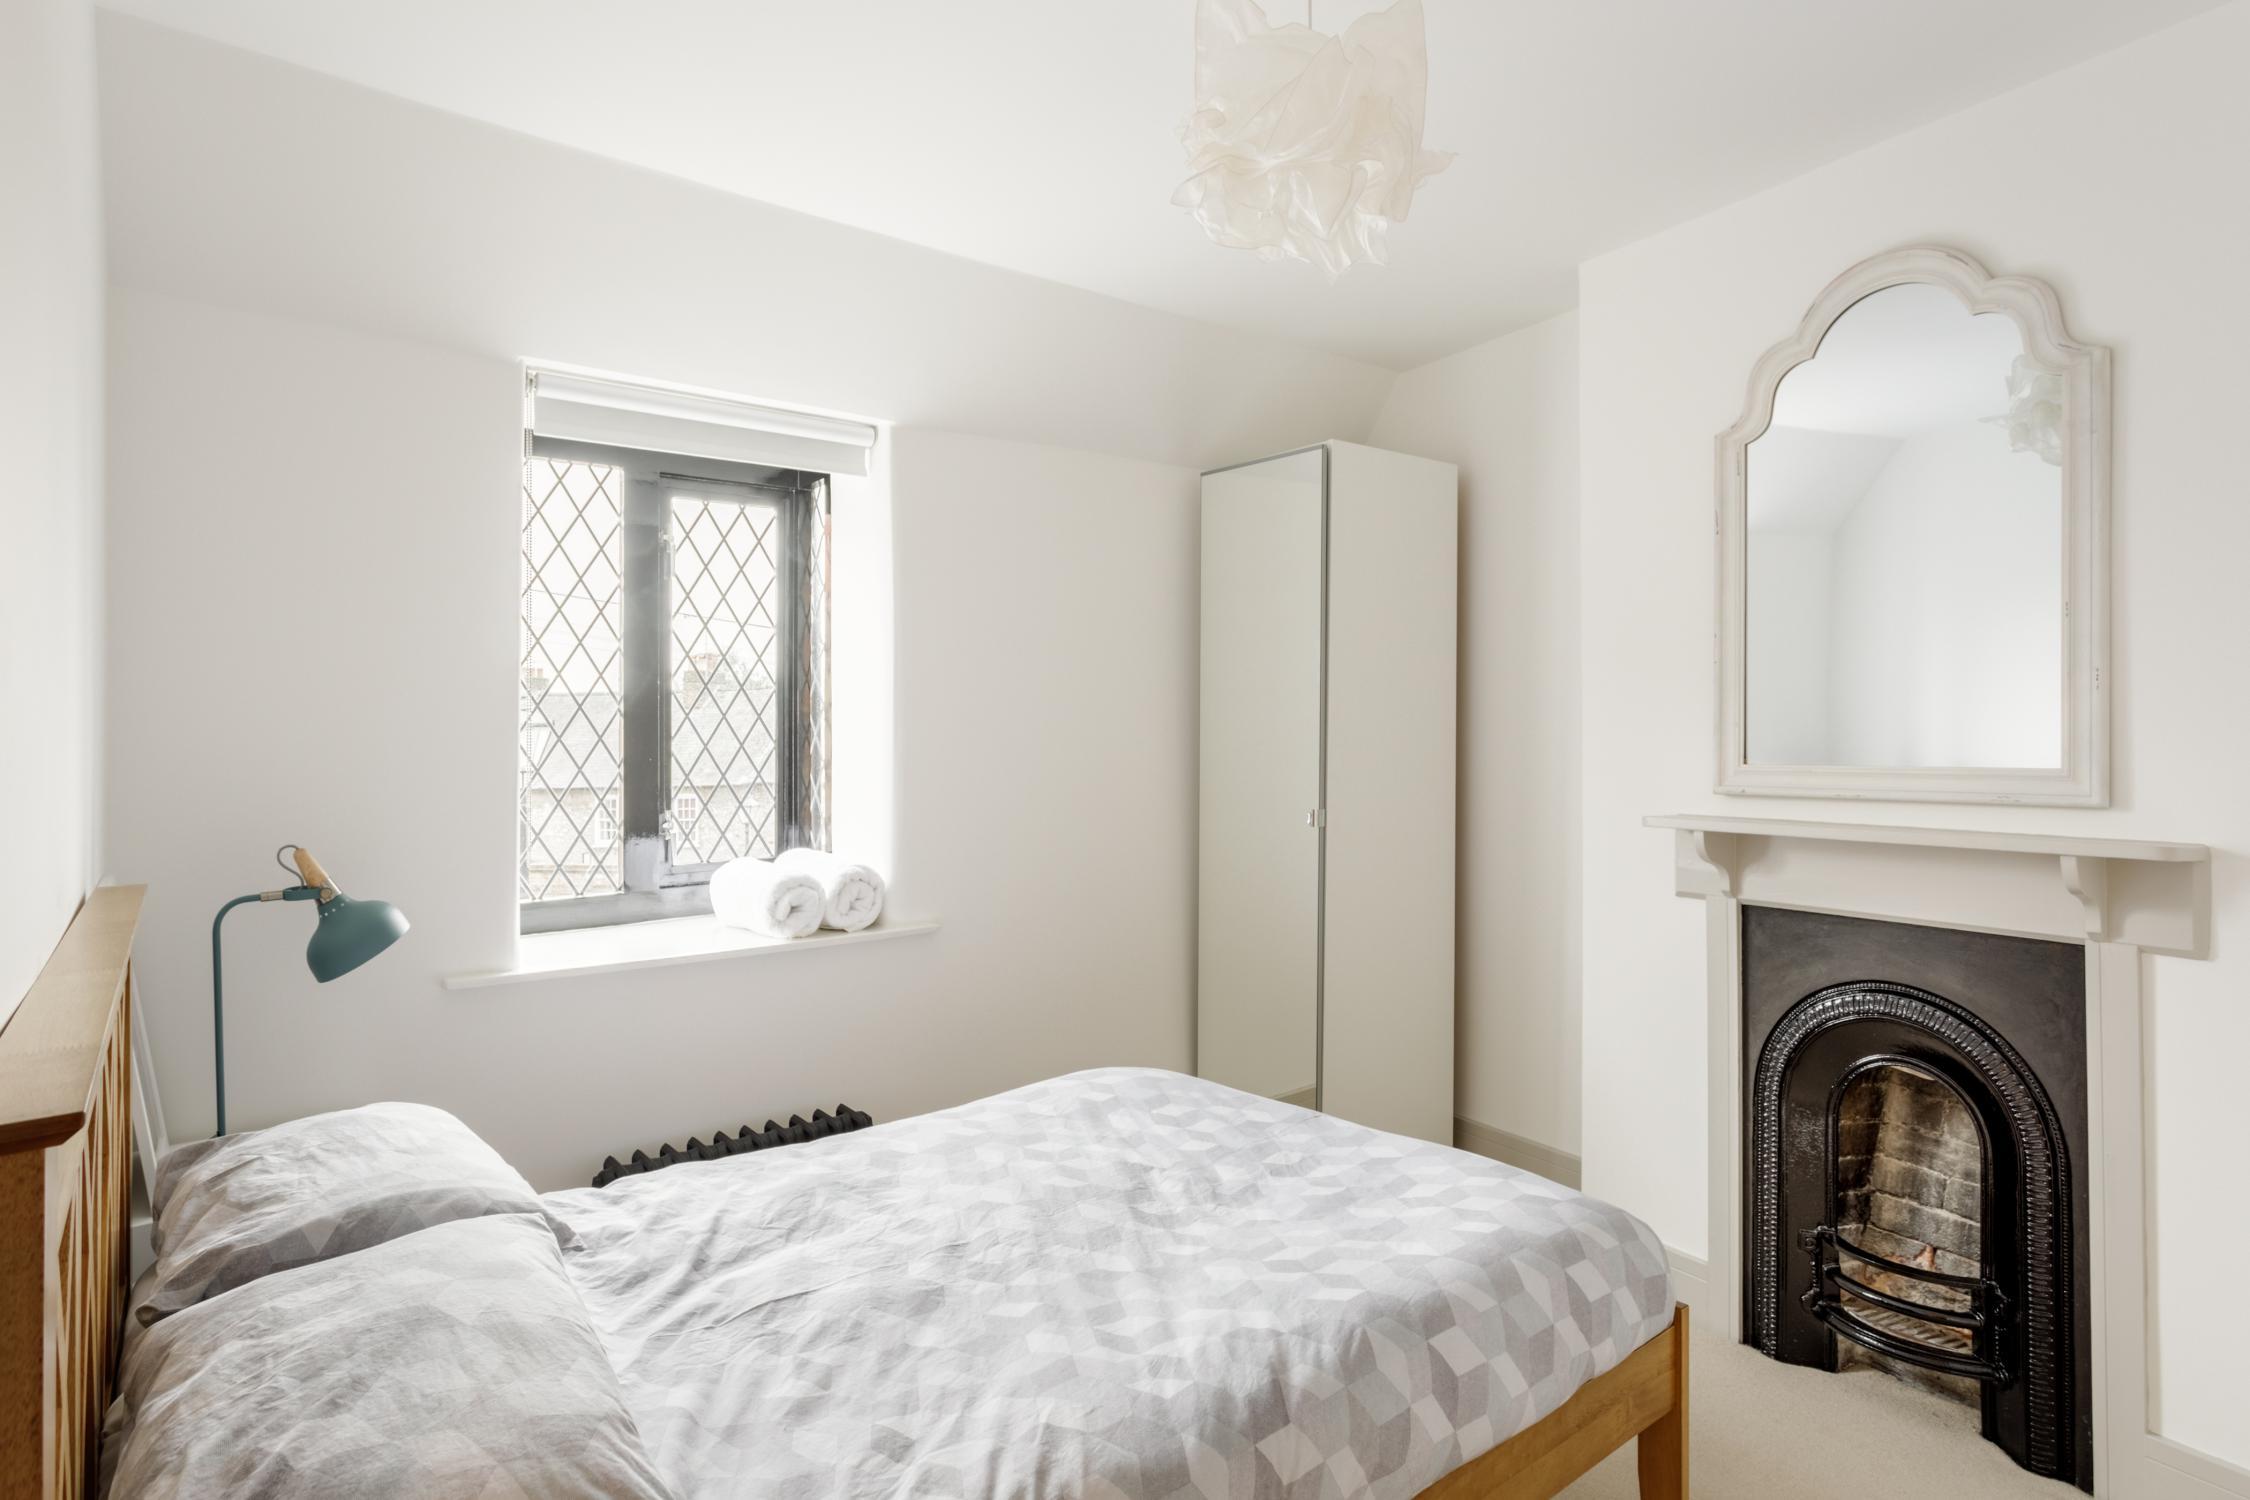 Worthing Builders-ExtraOrdinaryRooms-Arundel renovation period bedroom.jpg